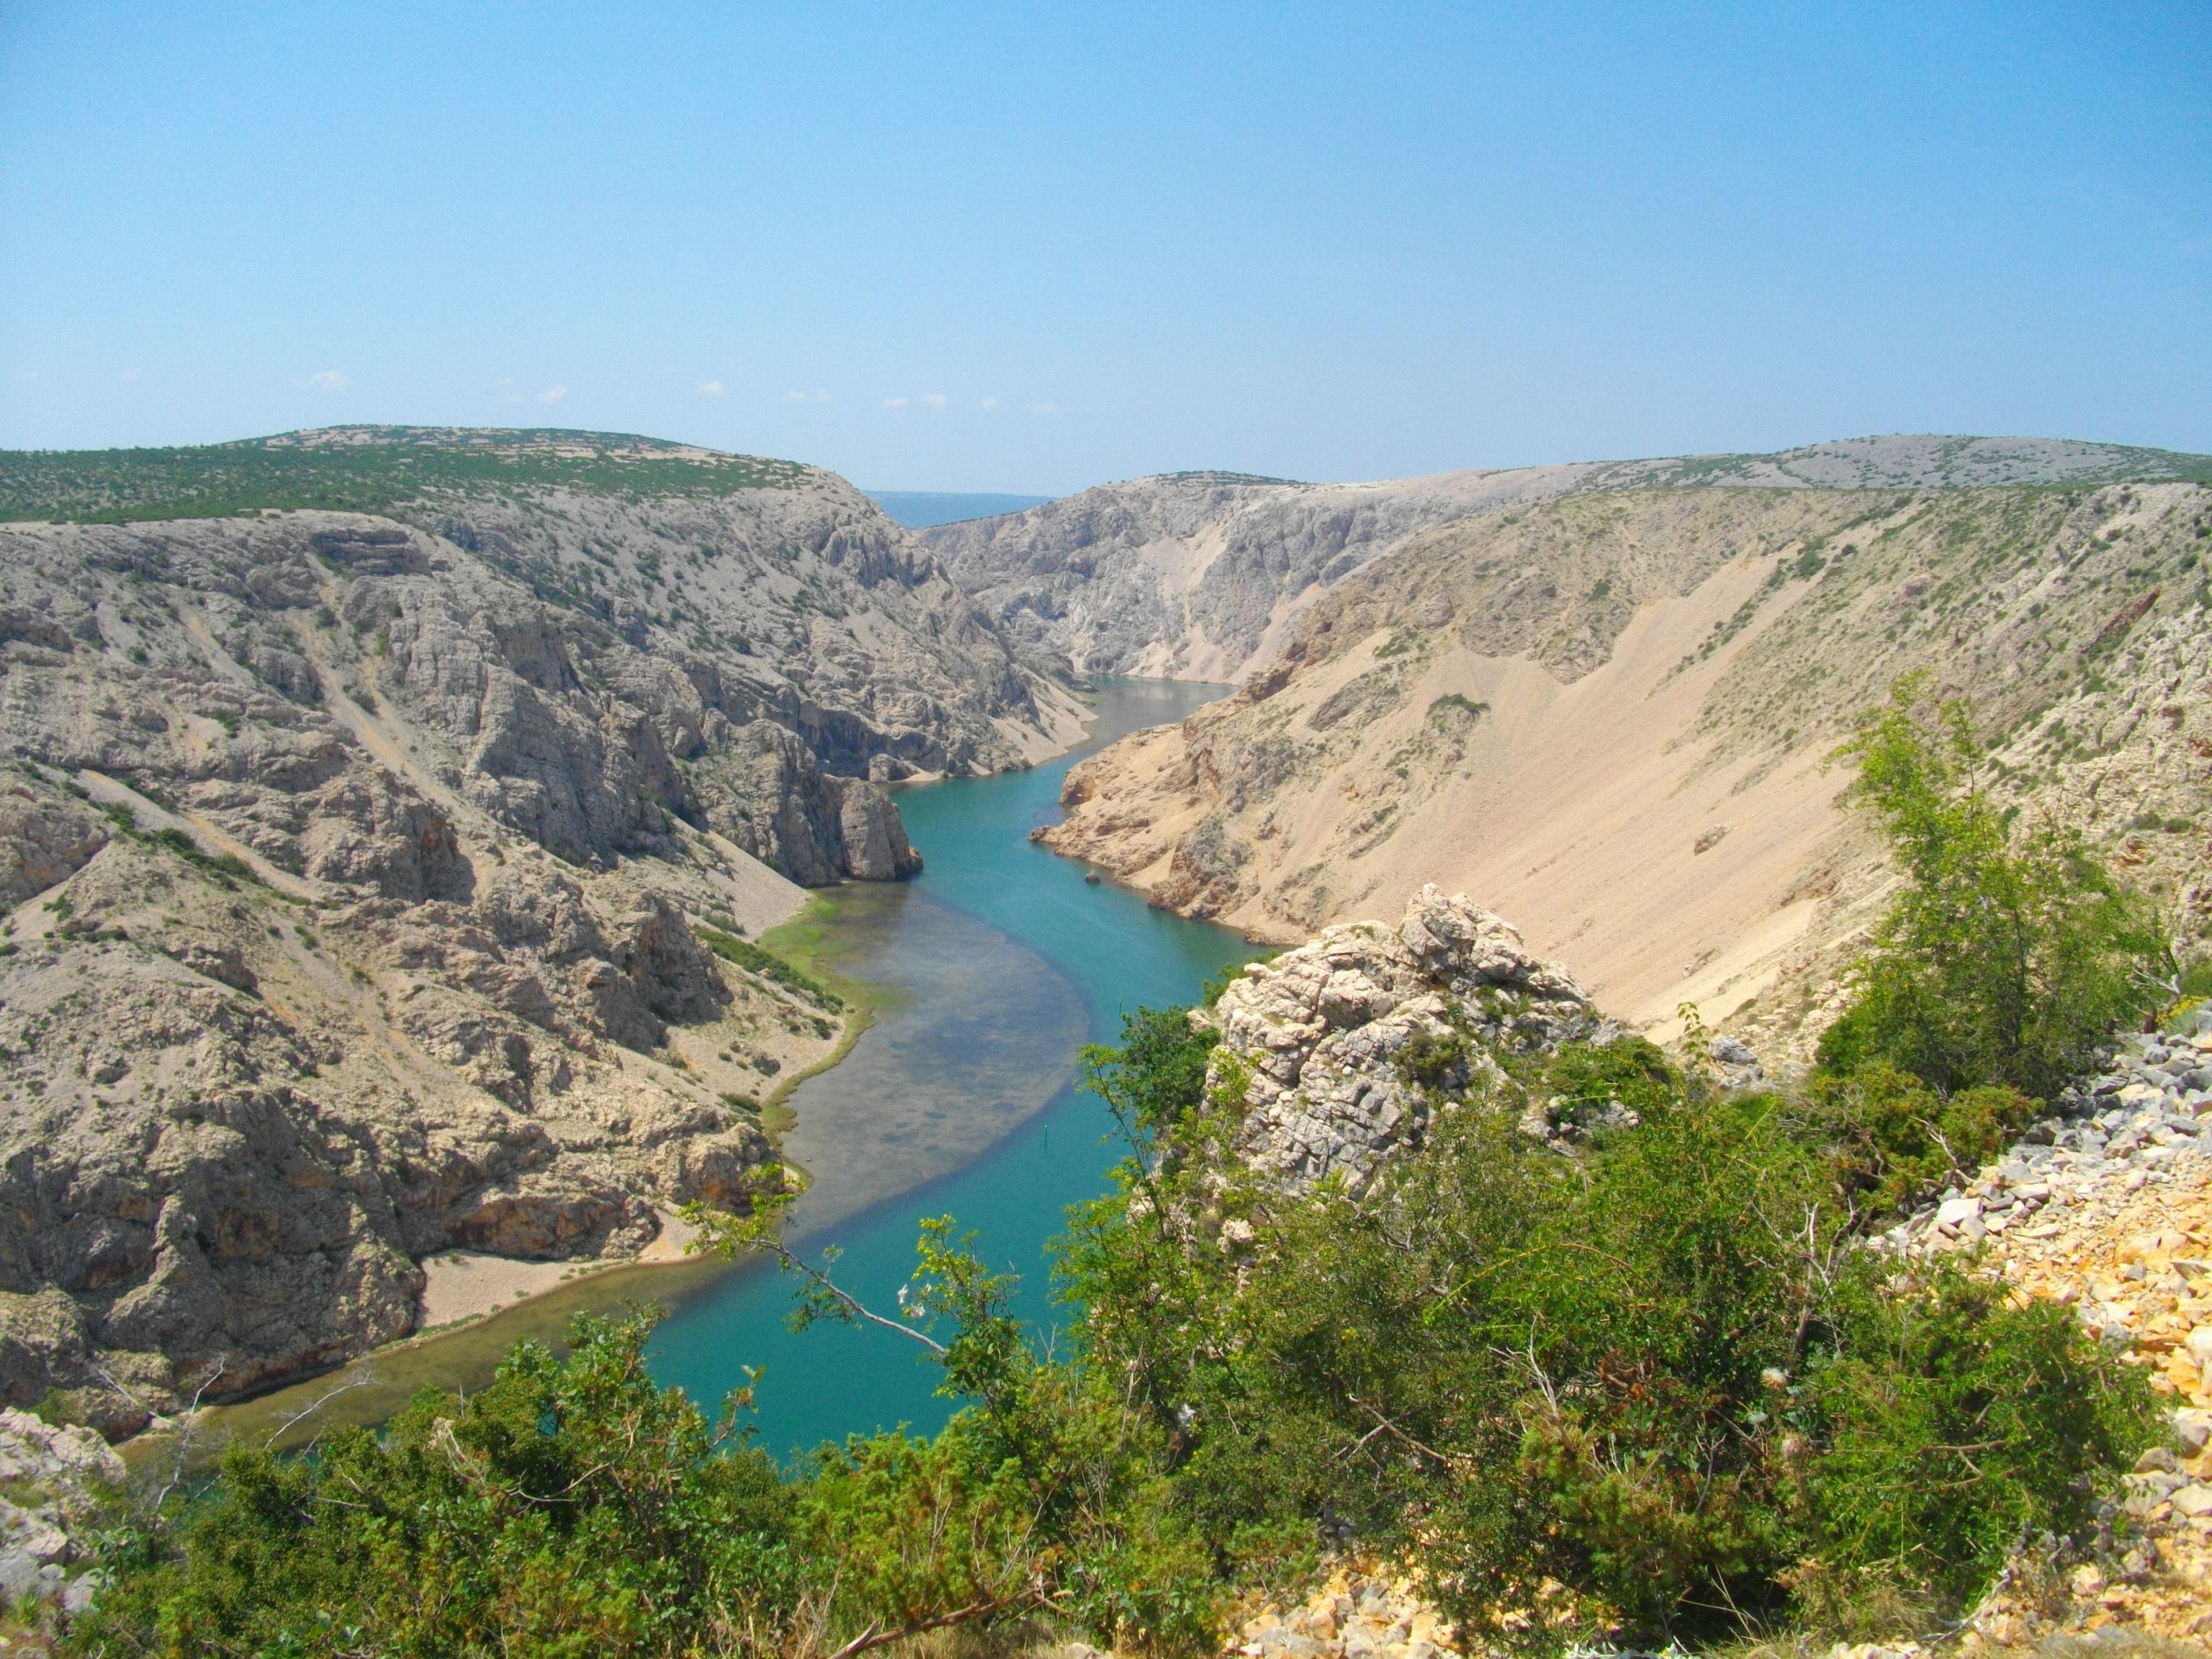 Mein Schiff Ausflugsziel: Der Zrmanja Canyon